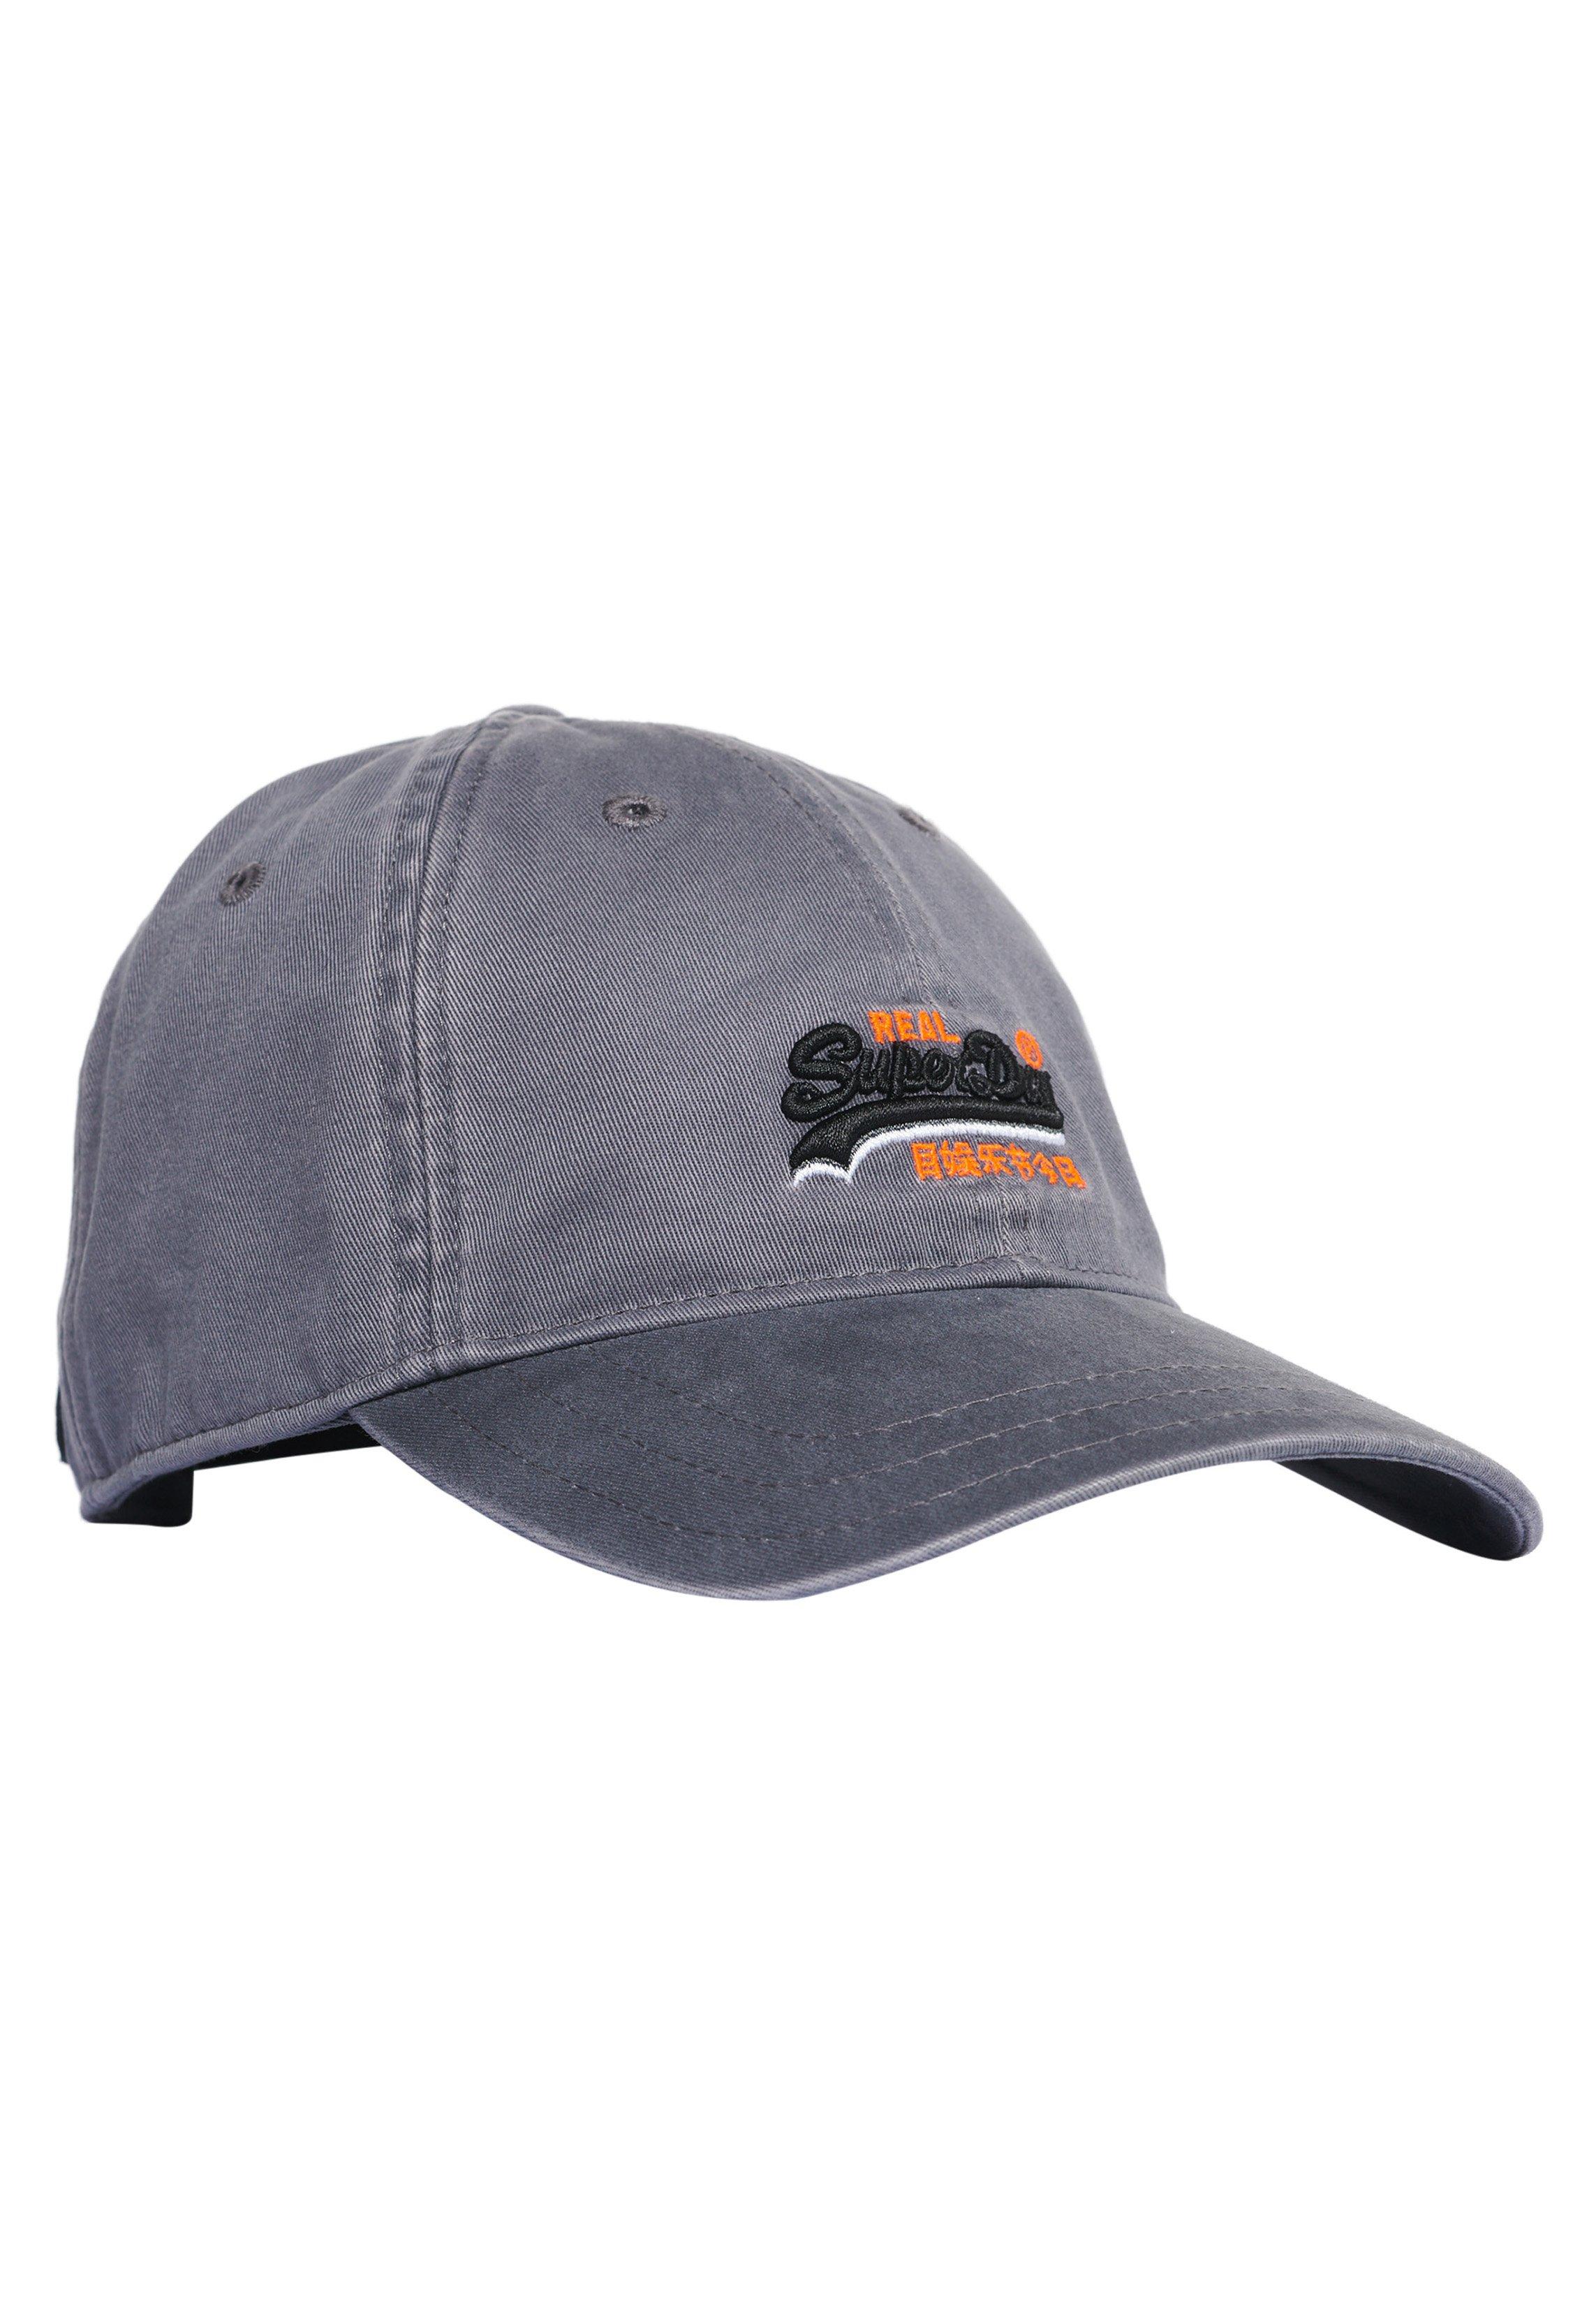 Superdry ORANGE LABEL - Keps - gray